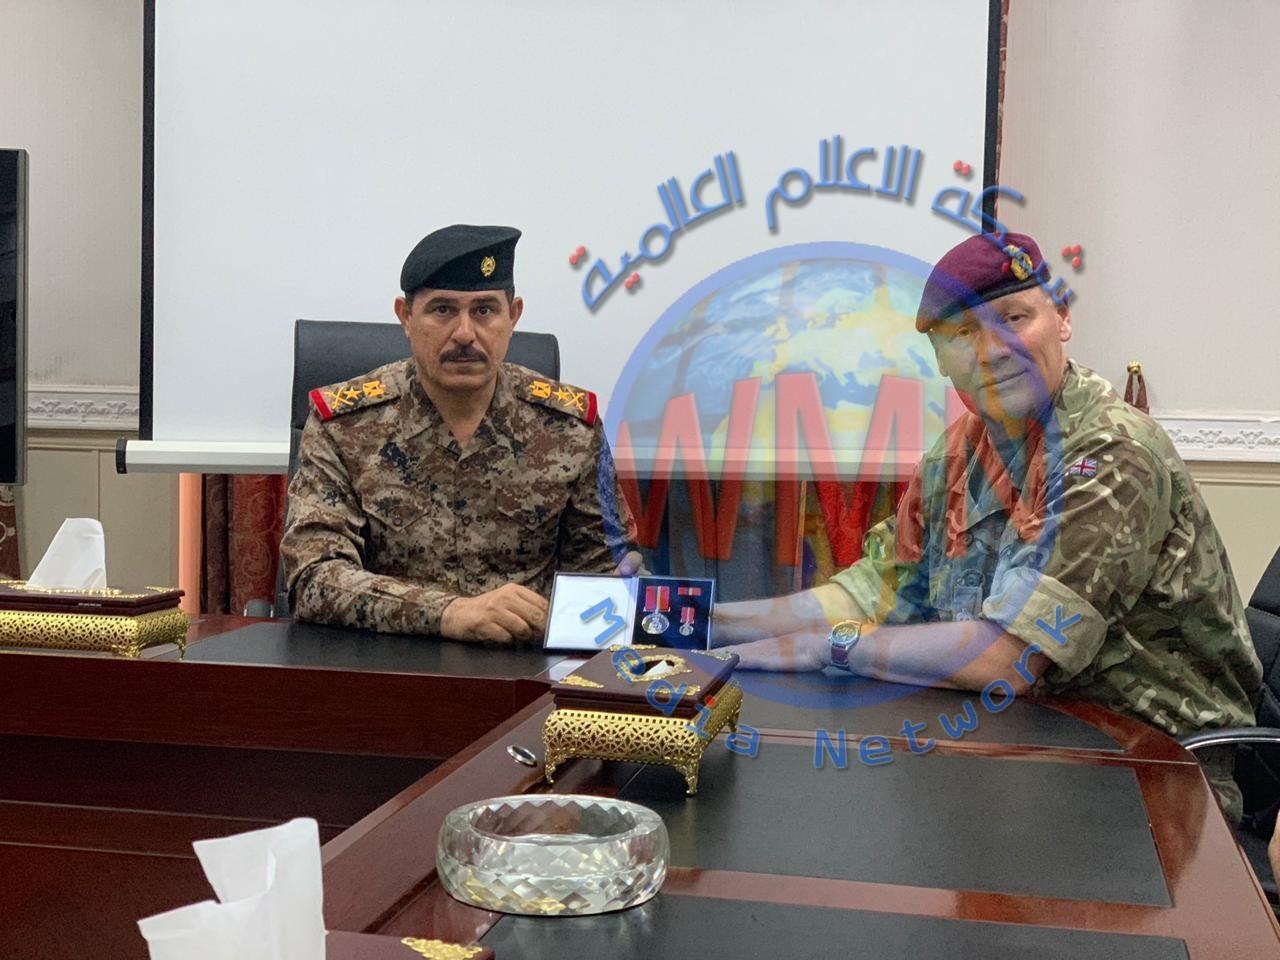 حكومة المملكة المتحدة تمنح الفريق الركن محمد البياتي وسام الاكاديمية البريطانية كاول ضابط عربي